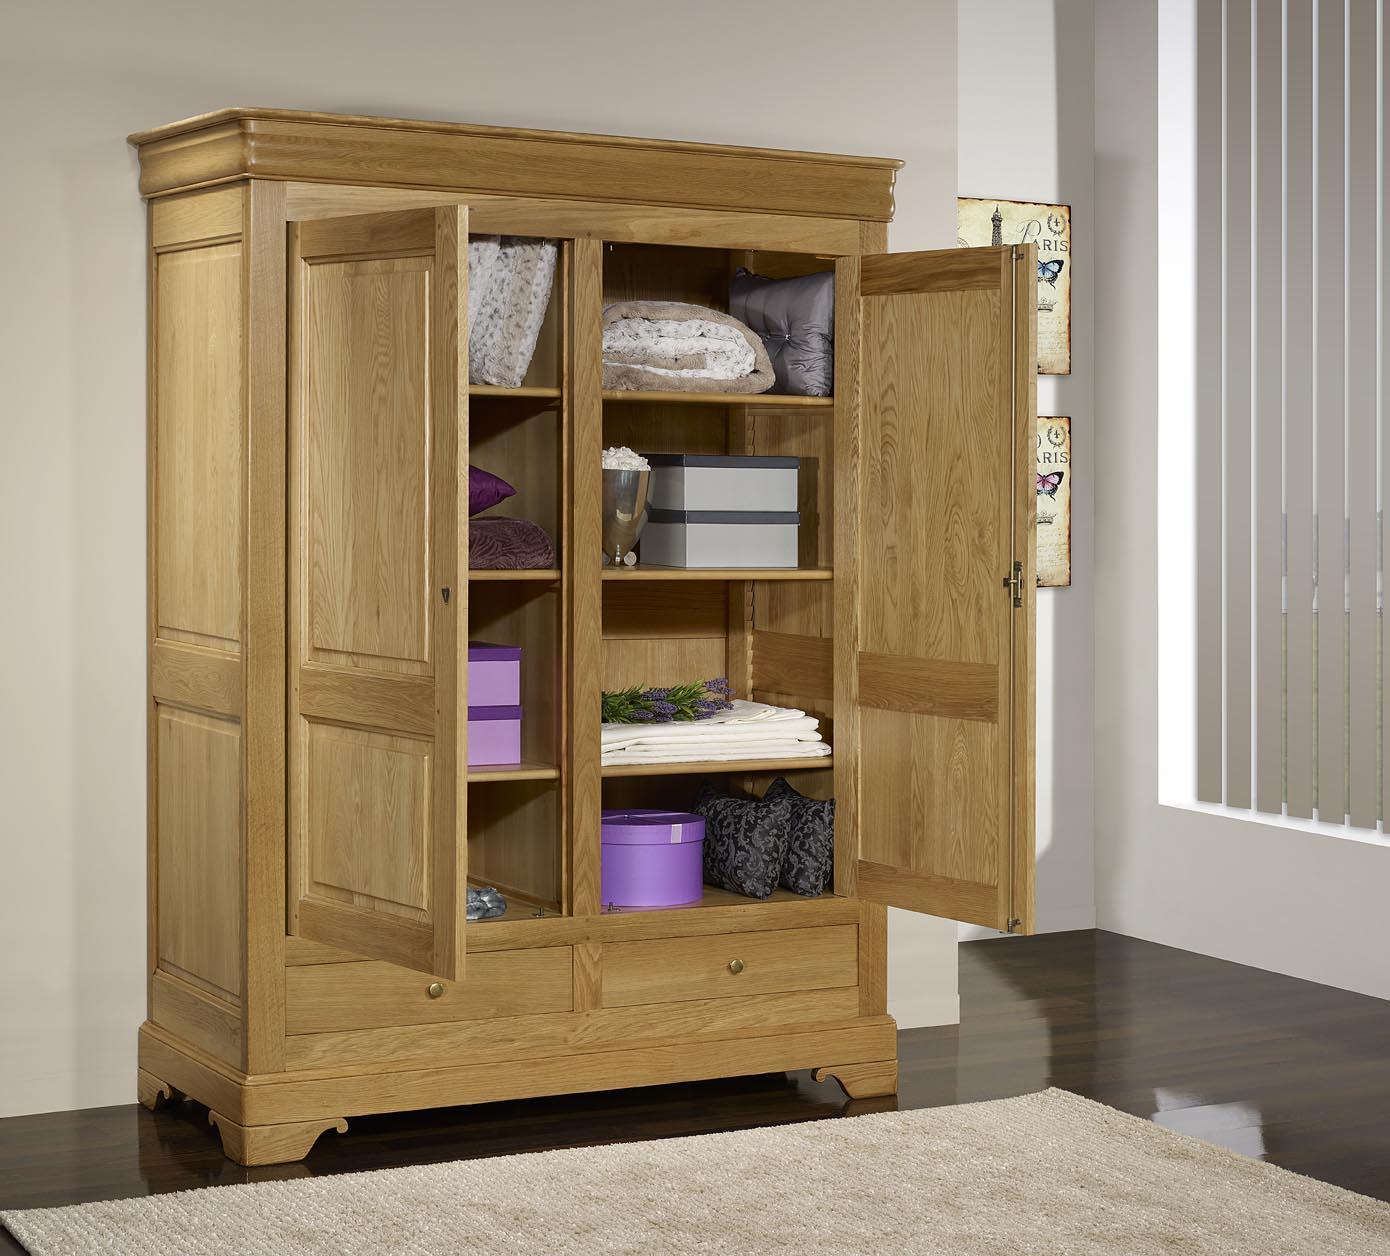 Armoire 2 portes 2 tiroirs en ch ne massif de style louis philippe meuble e - Armoire chene massif 2 portes ...